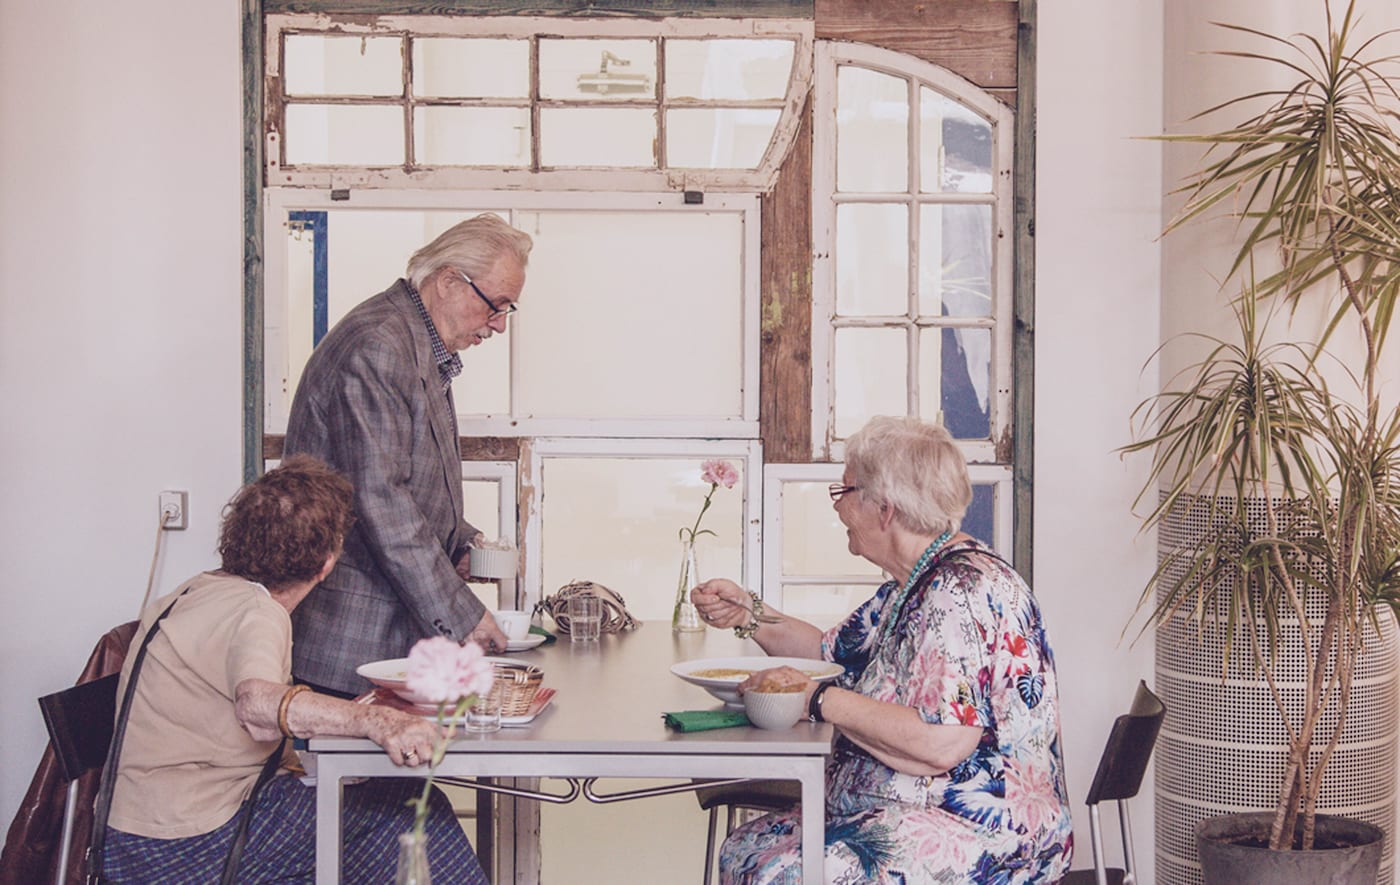 Kolme vanhempaa ihmistä istuu pöydän ääressä syömässä.